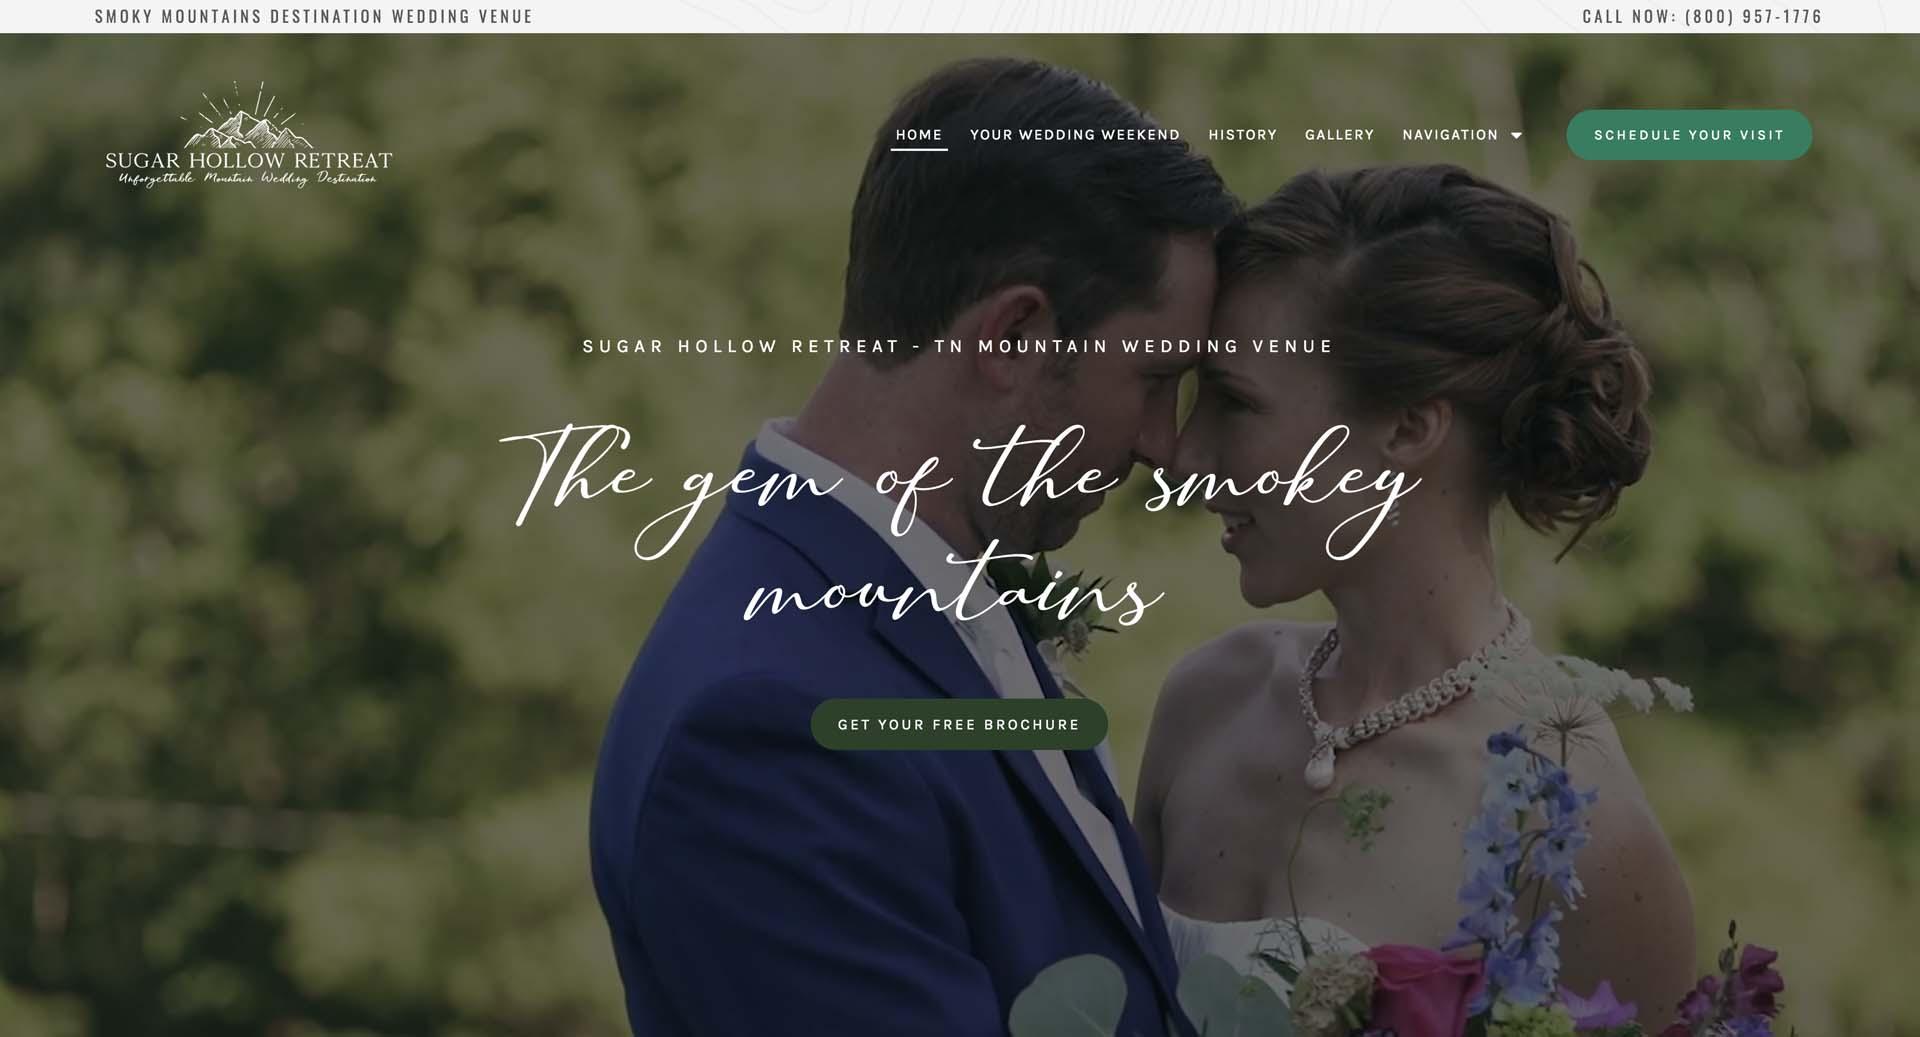 Wedding Venue Advertising 3